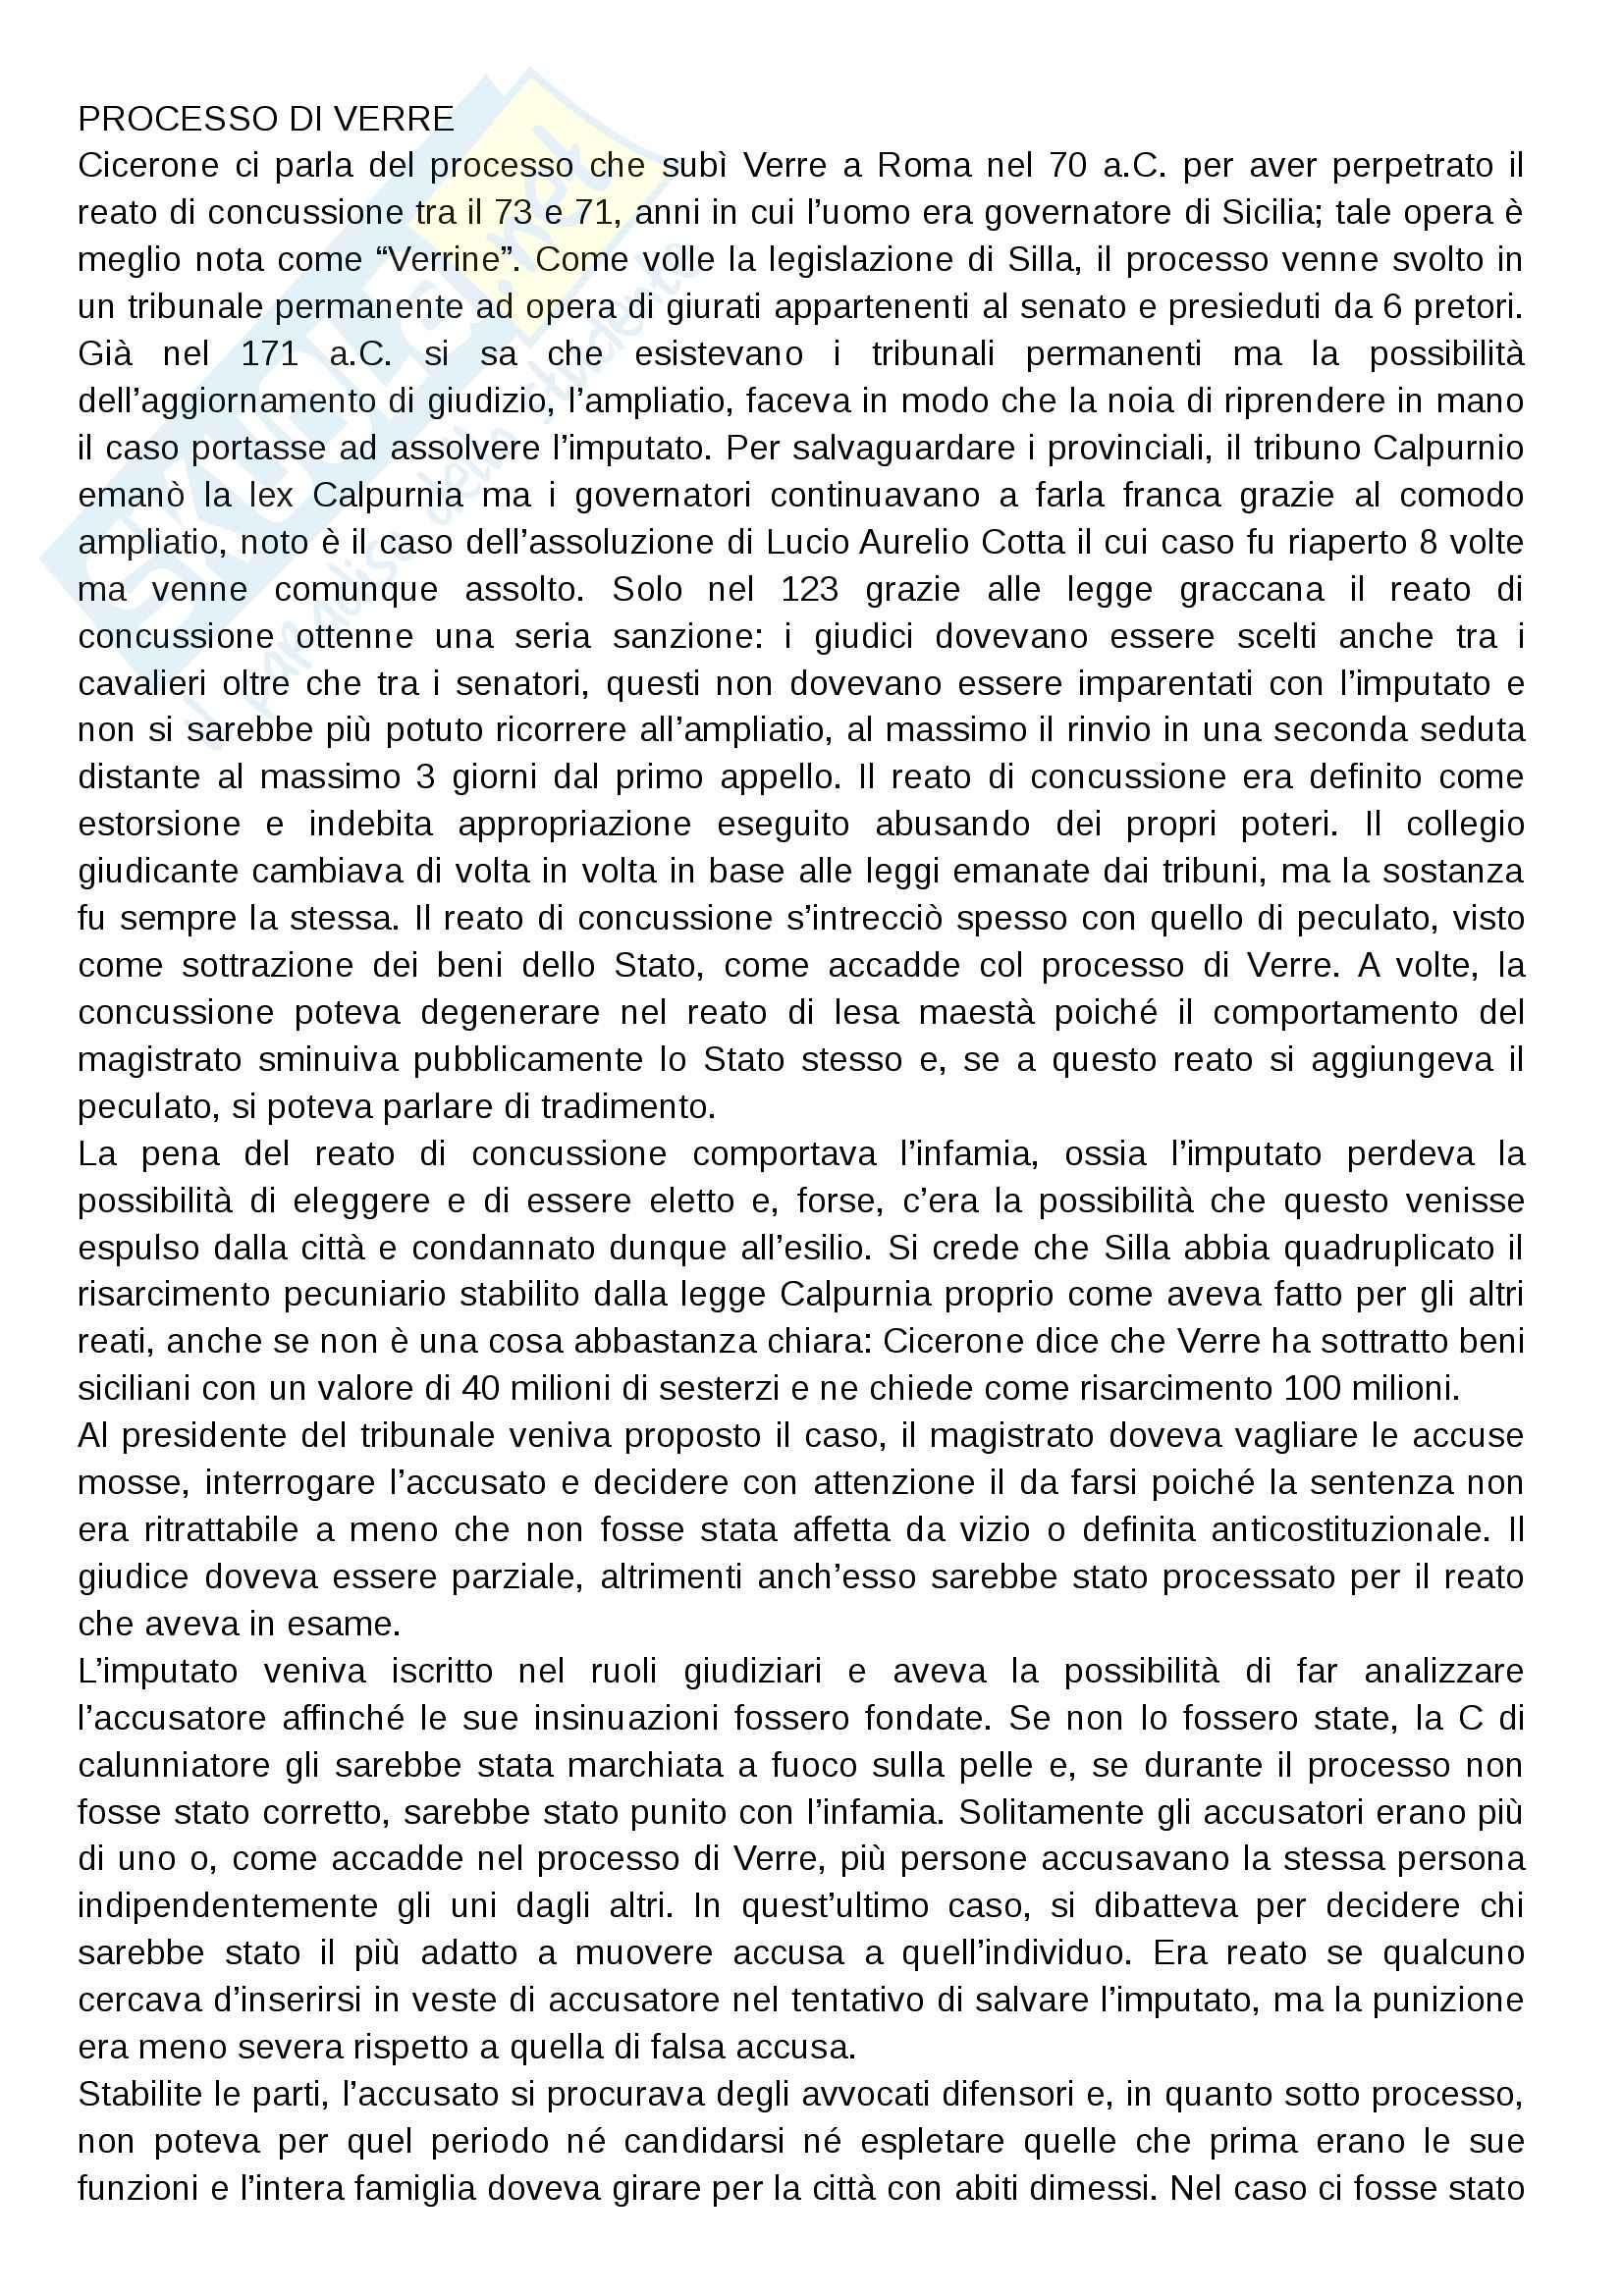 Processo di Verre, Storia romana